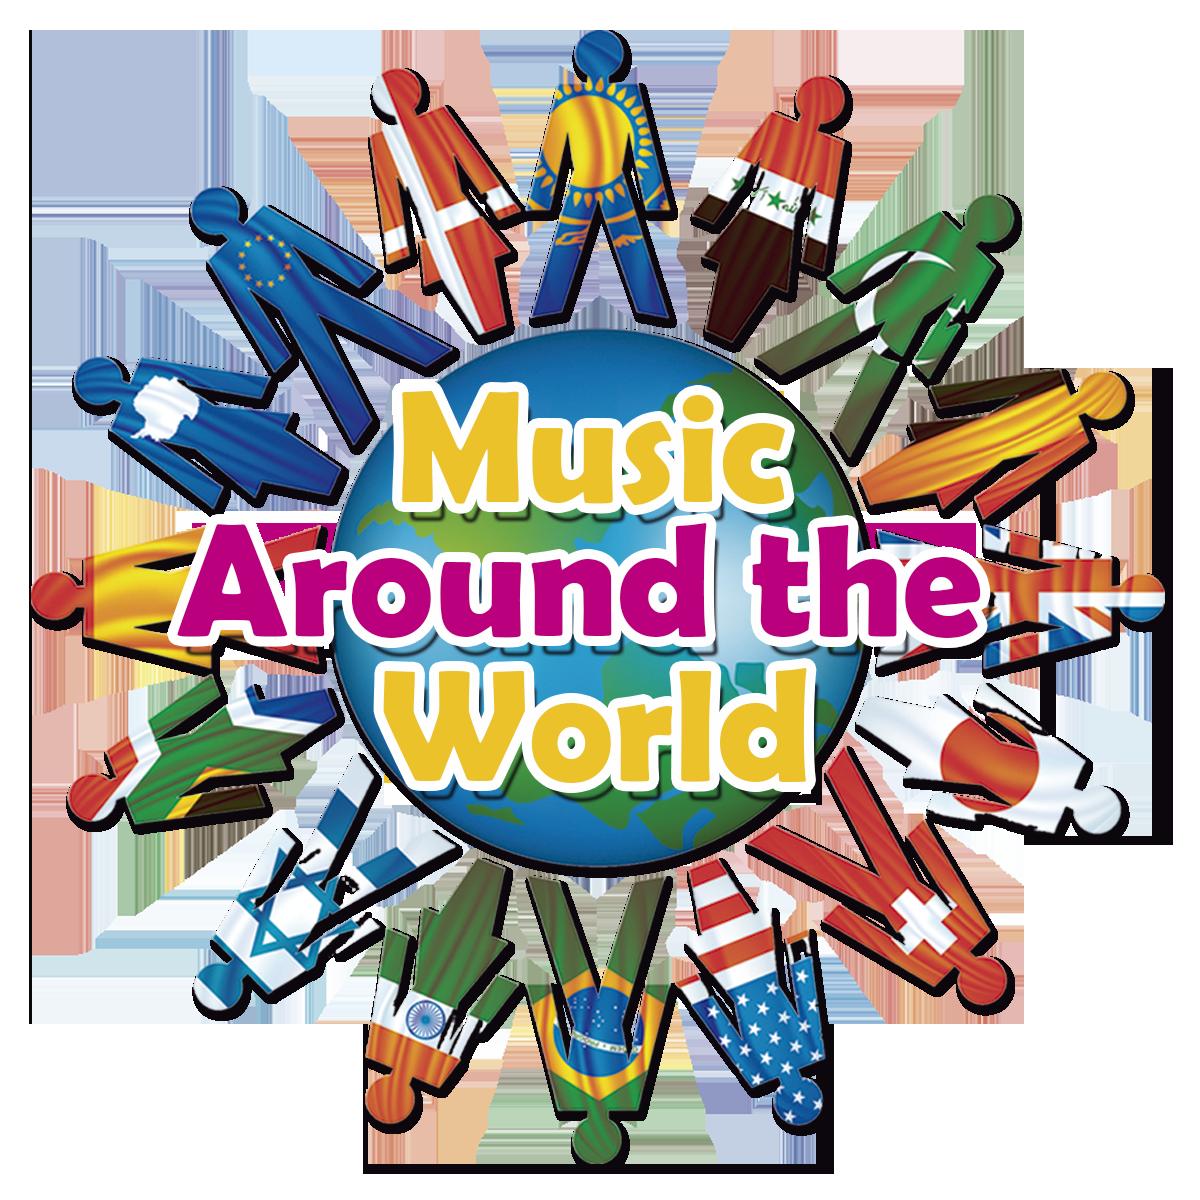 Music around the world.png